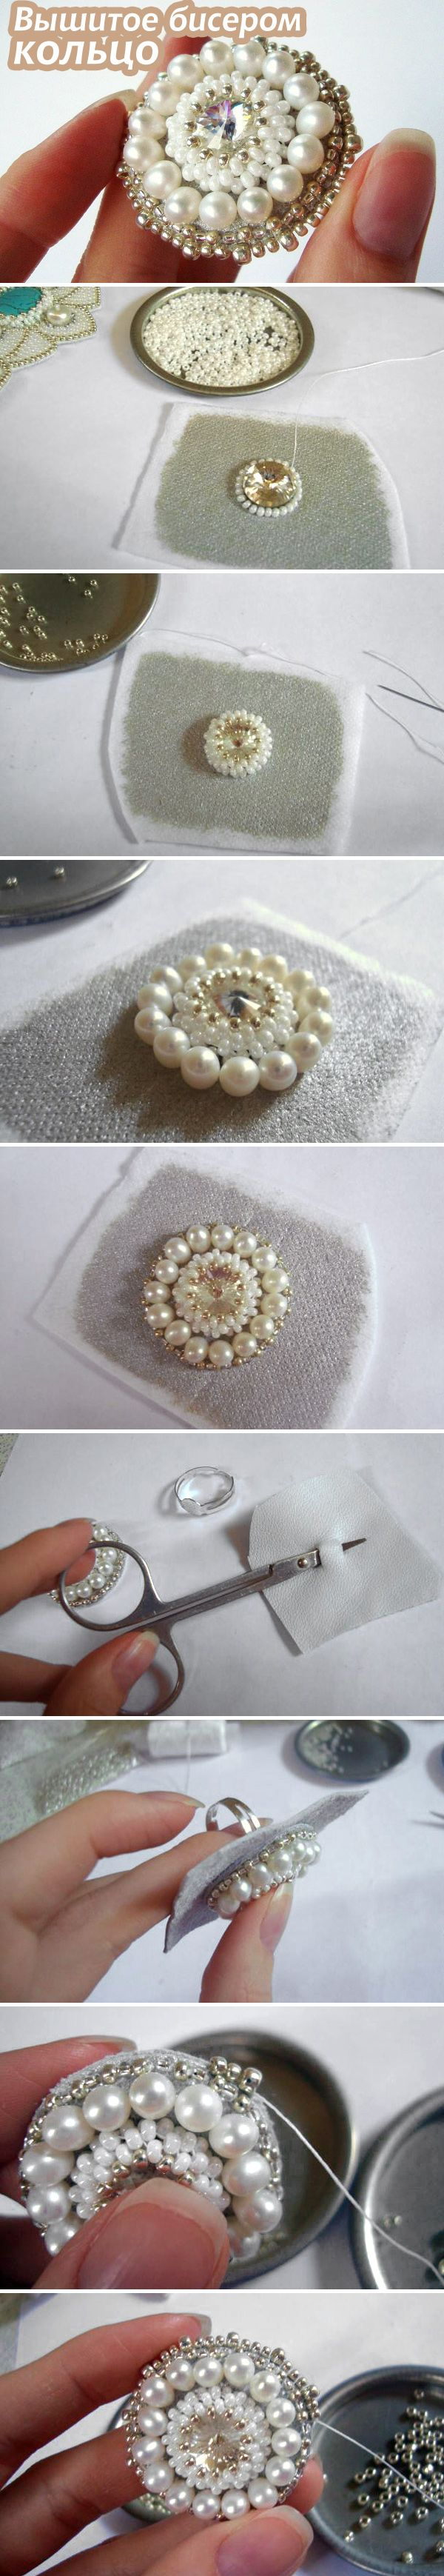 Мастер-класс: Вышитое бисером и жемчугом кольцо / Beaded Ring Tutorial #diy #bead #jewelry